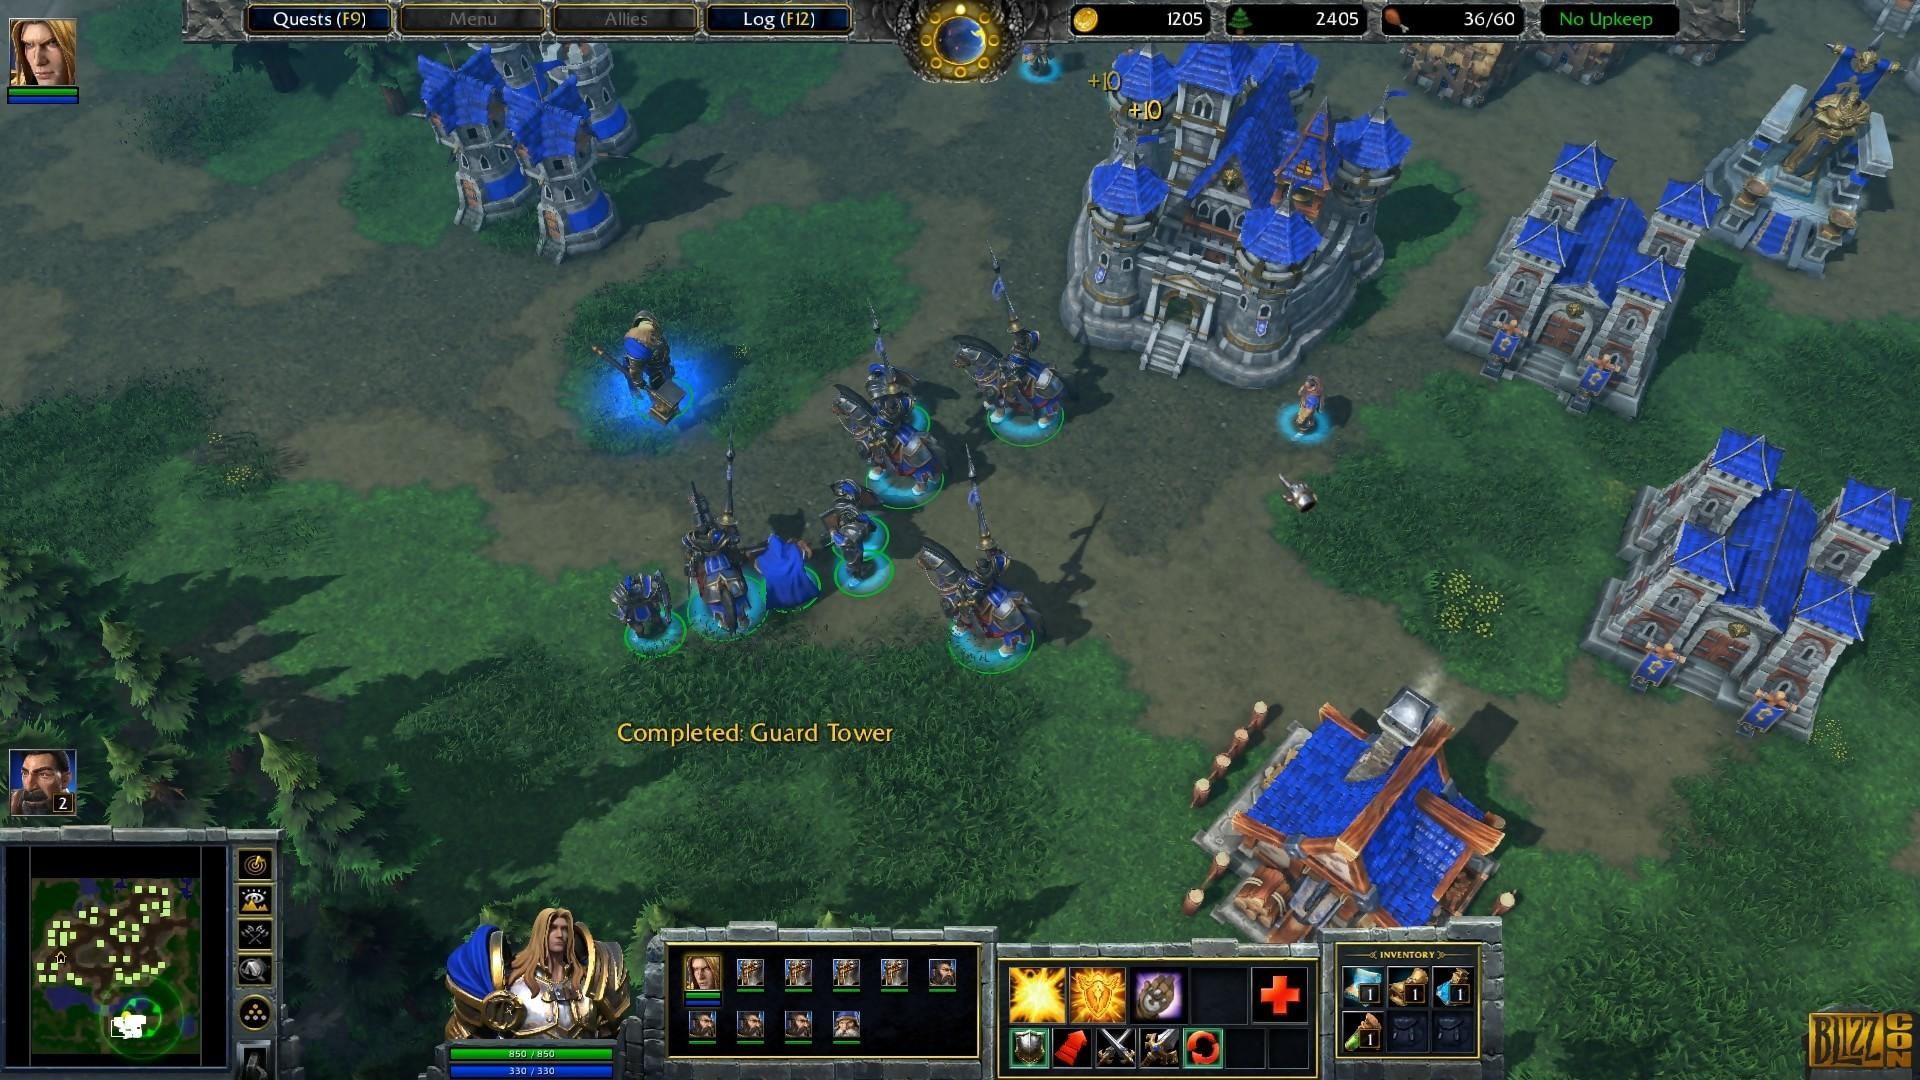 Warcraft III: Reign of Chaos. Le jeu de stratégie en temps réel par excellence.